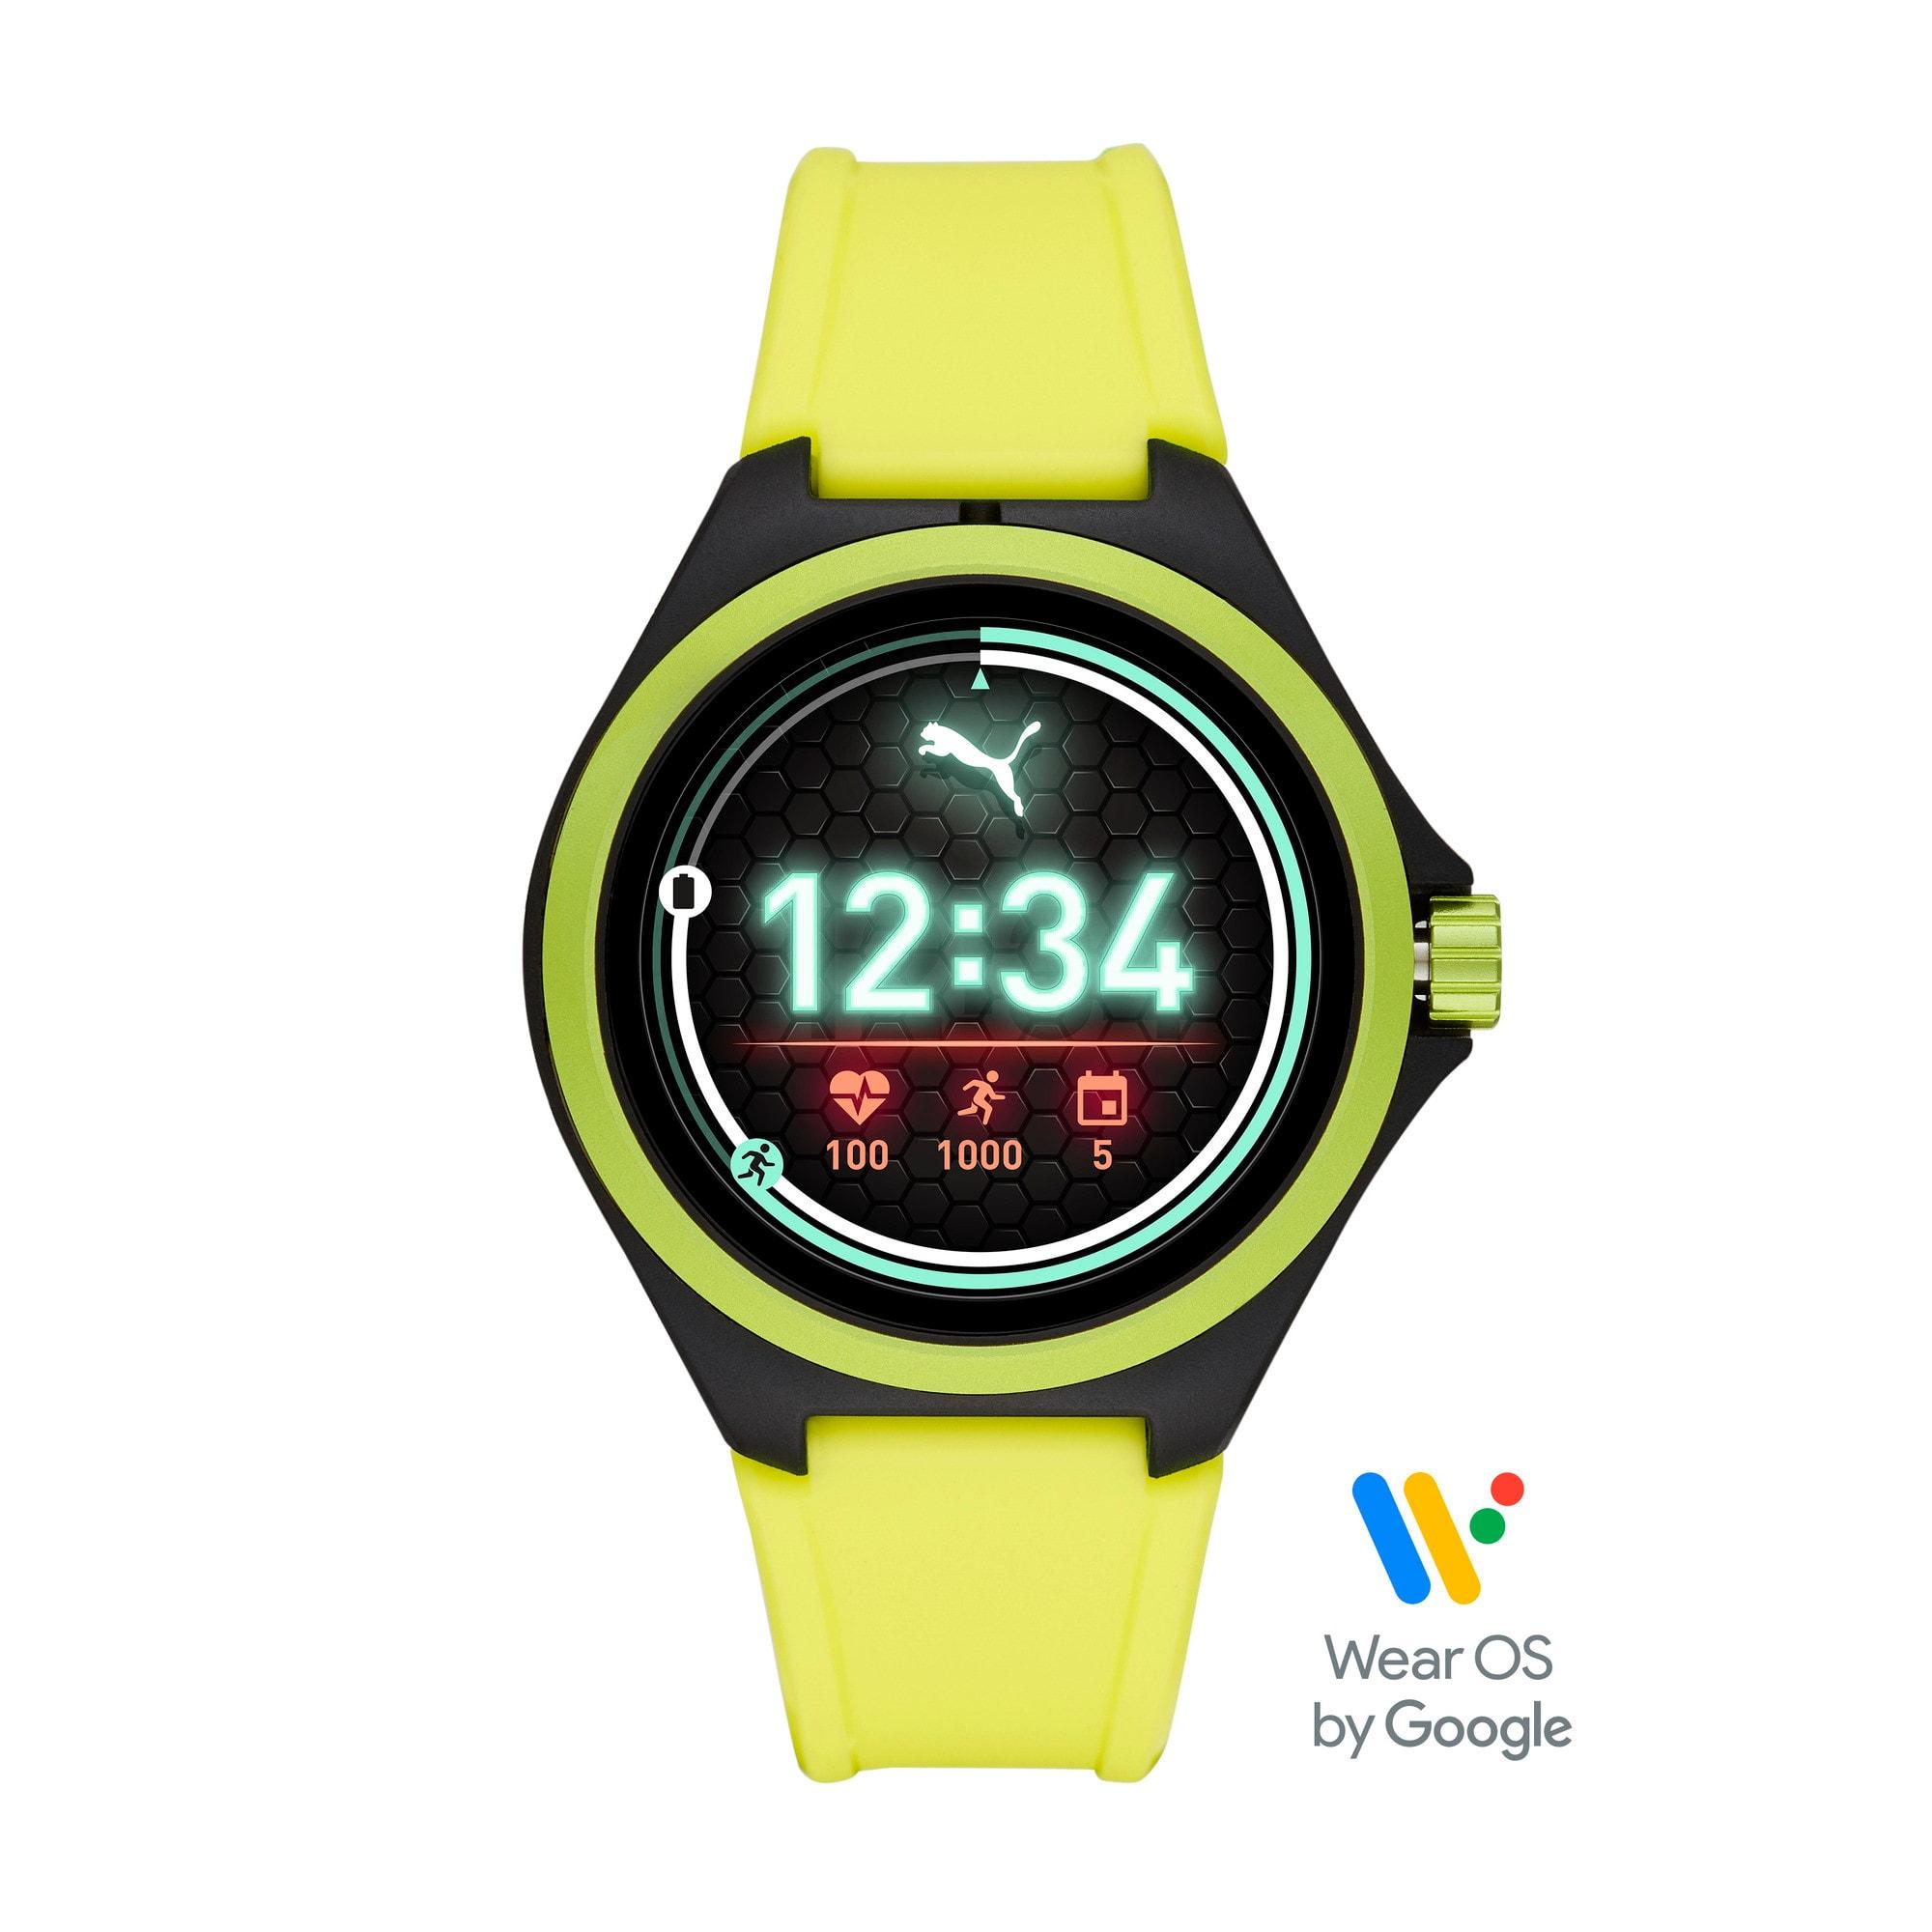 Thumbnail 1 of ユニセックス プーマ ハート レート 44mm スマートウォッチ 時計, Yellow/Black, medium-JPN